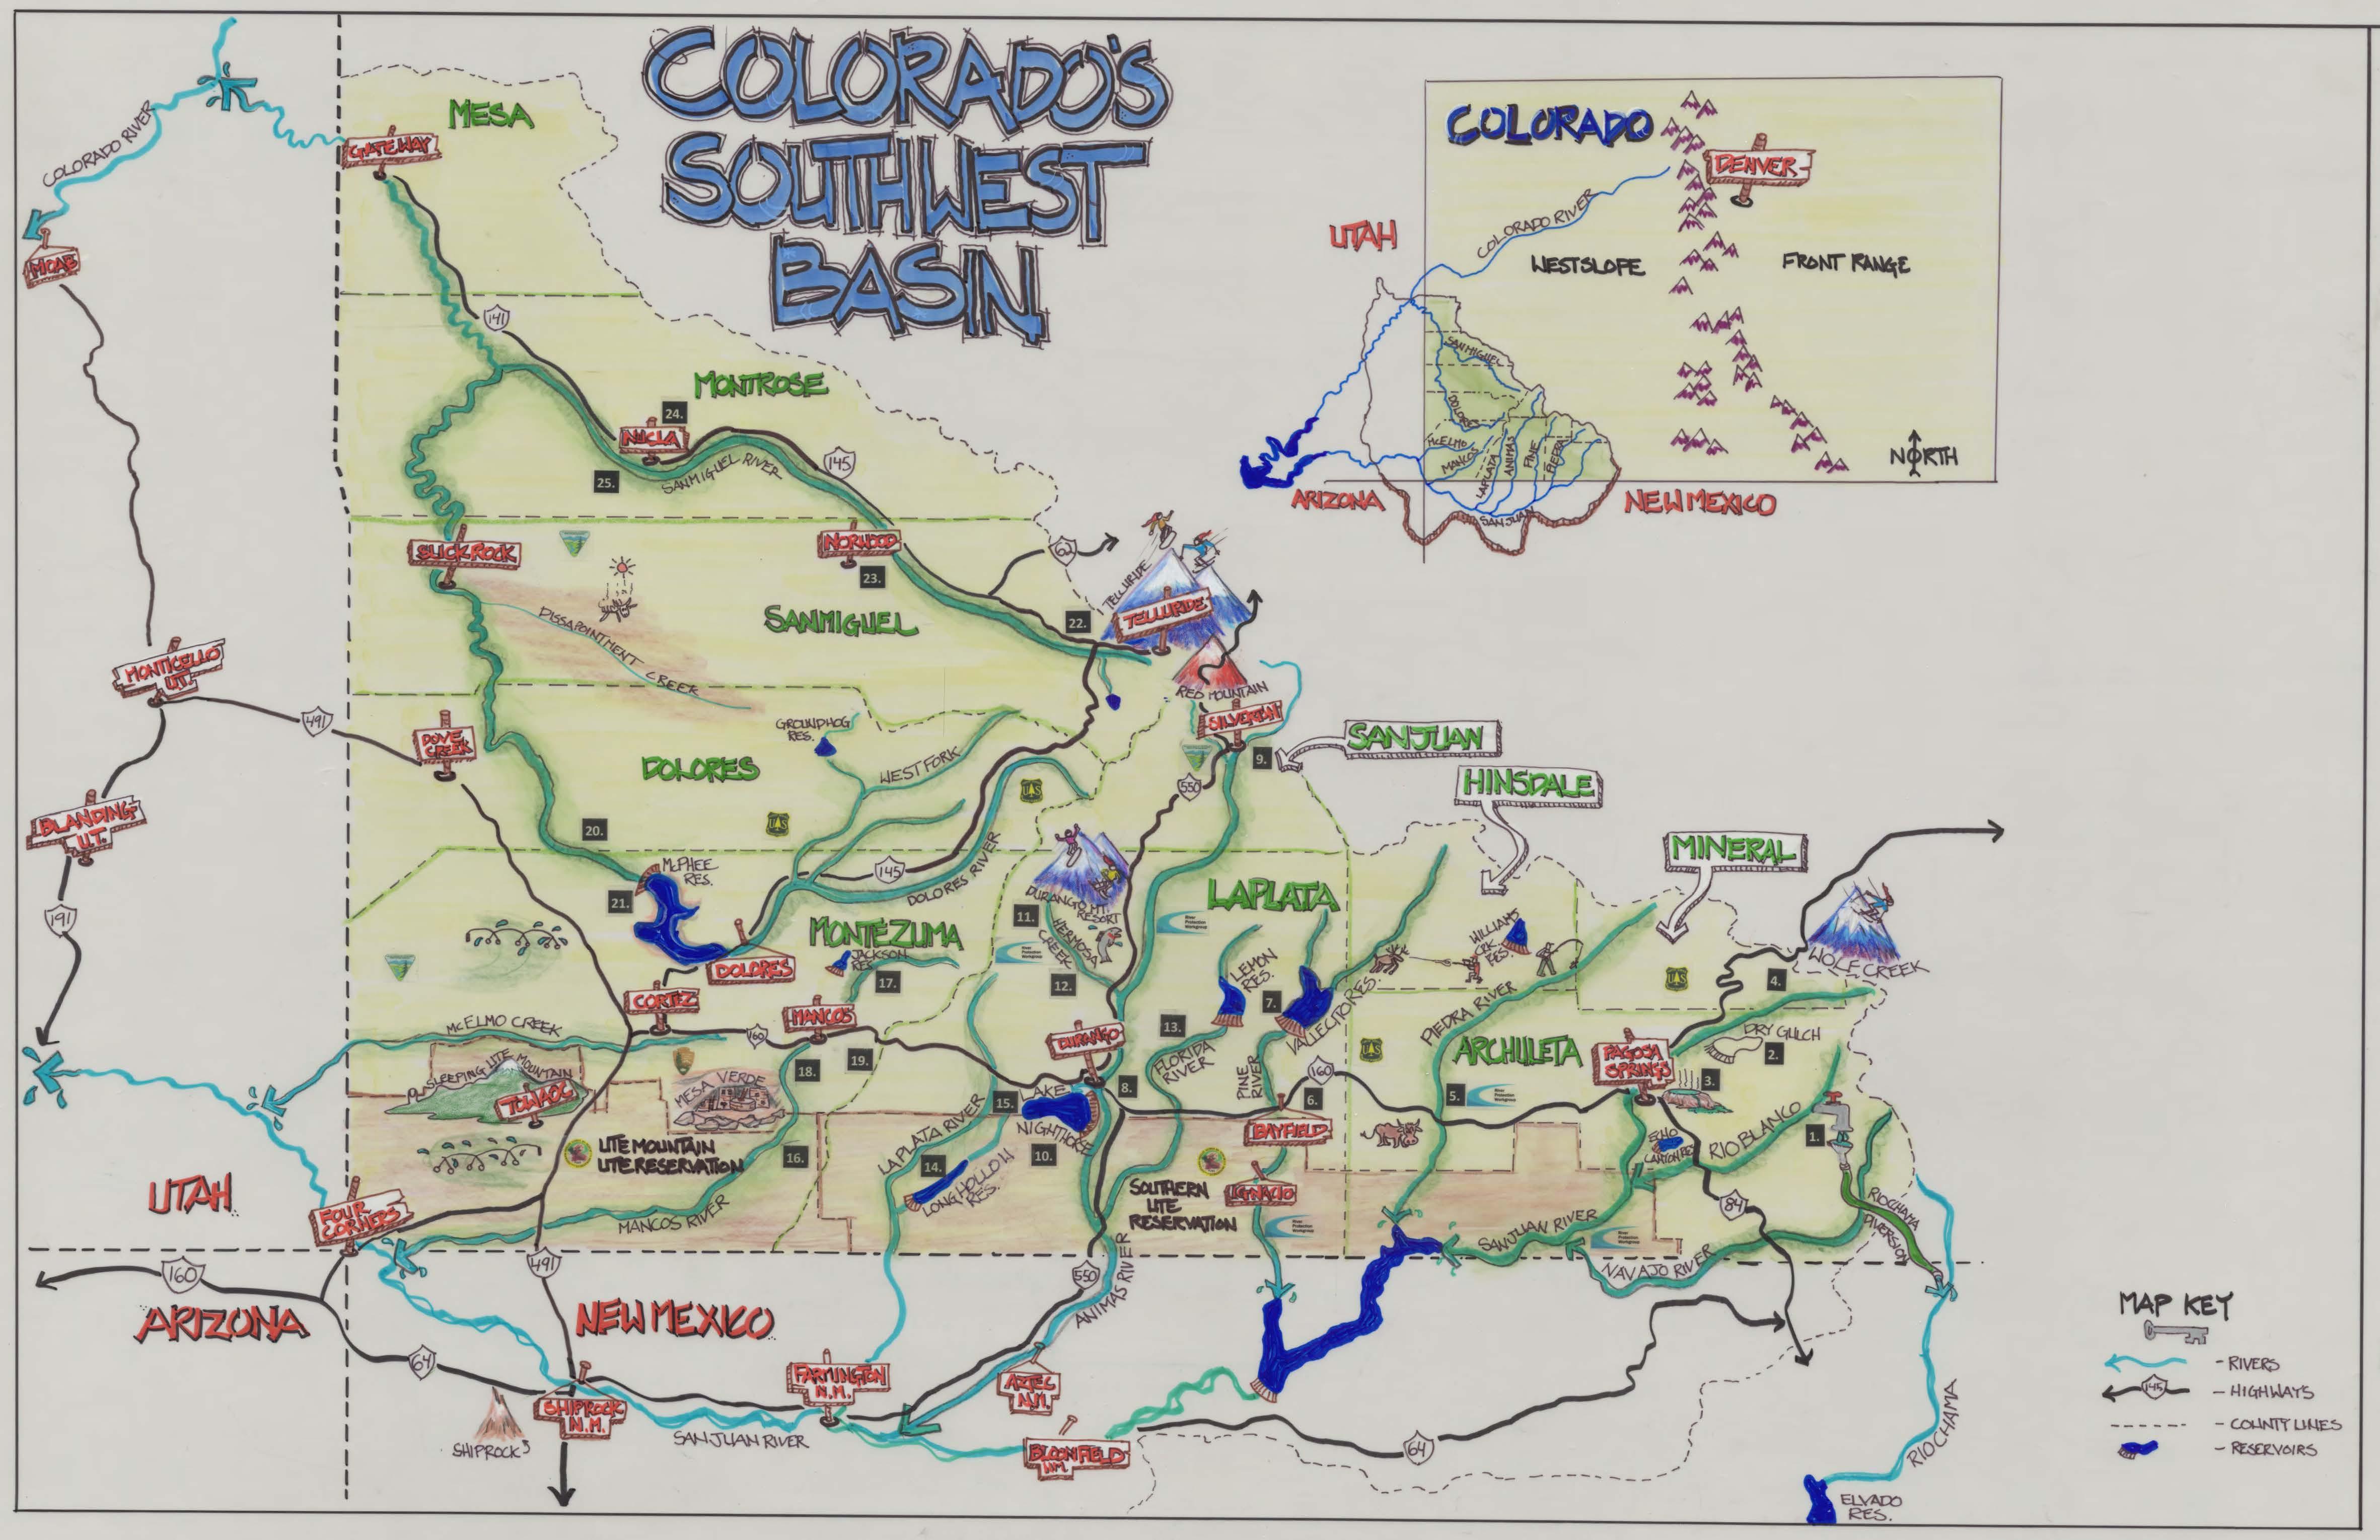 Southwest Basin Roundtable